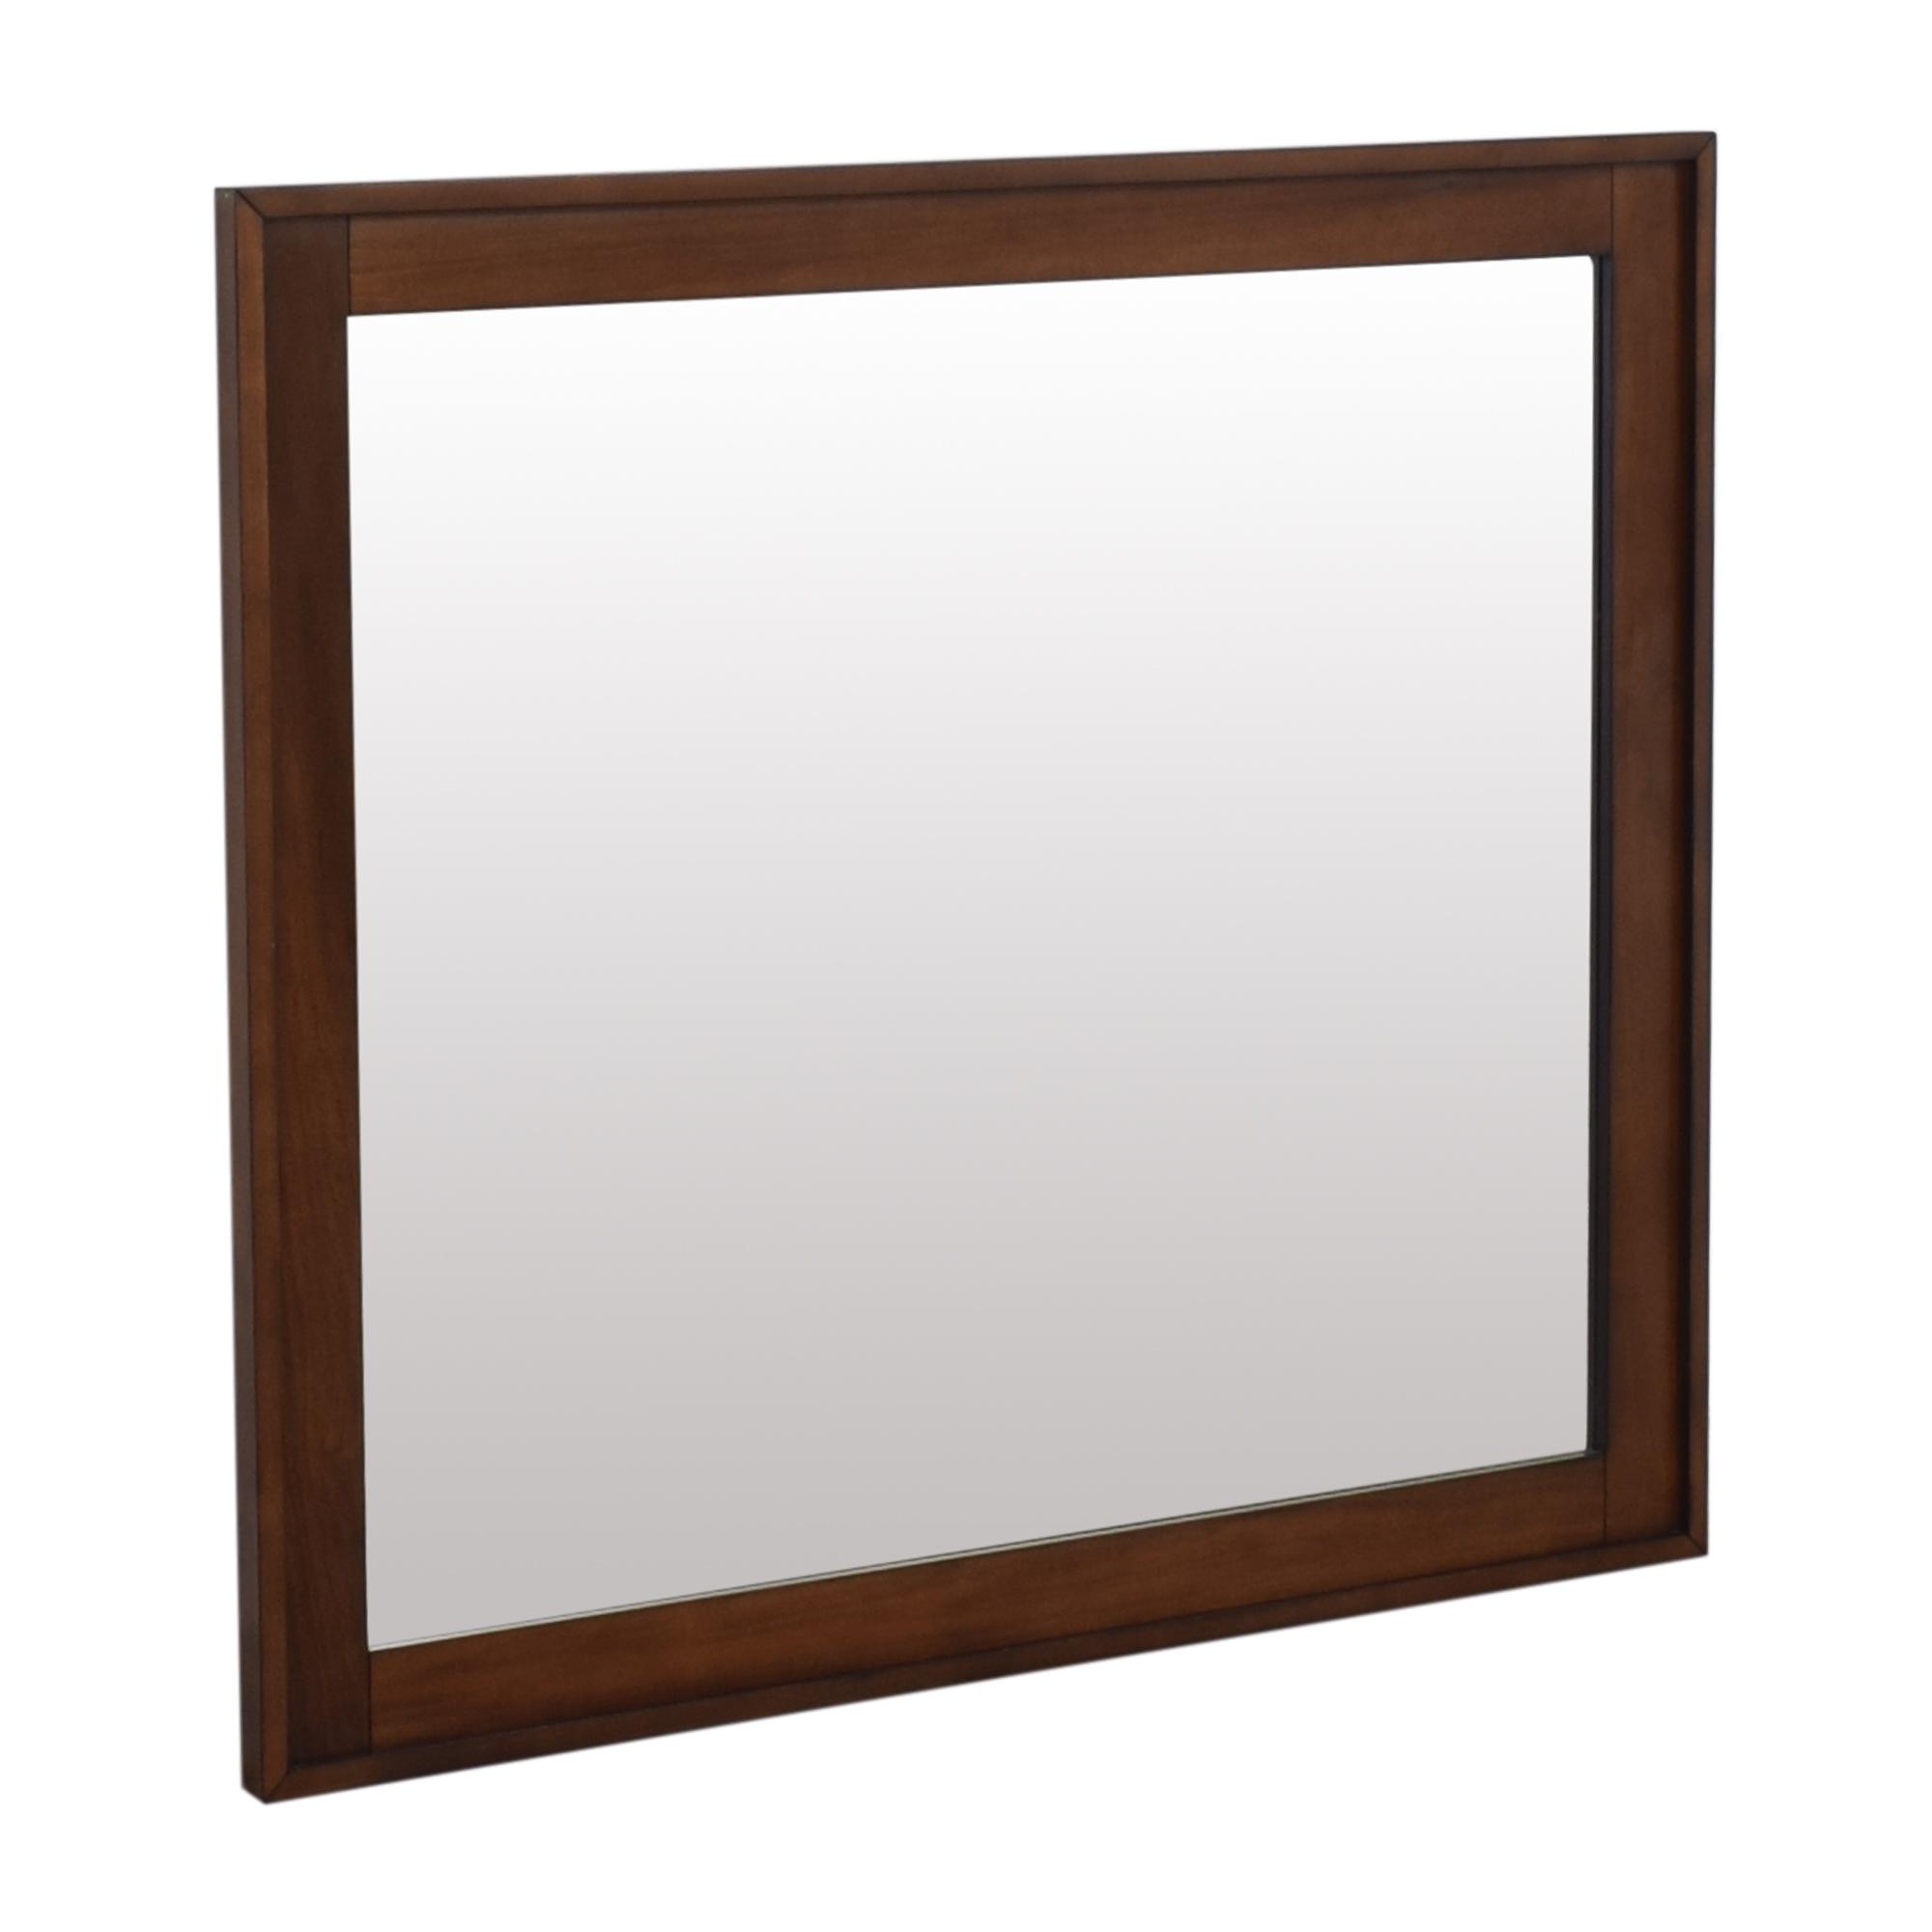 Homelegance Furniture Homelegance Furniture Sedley Mirror pa